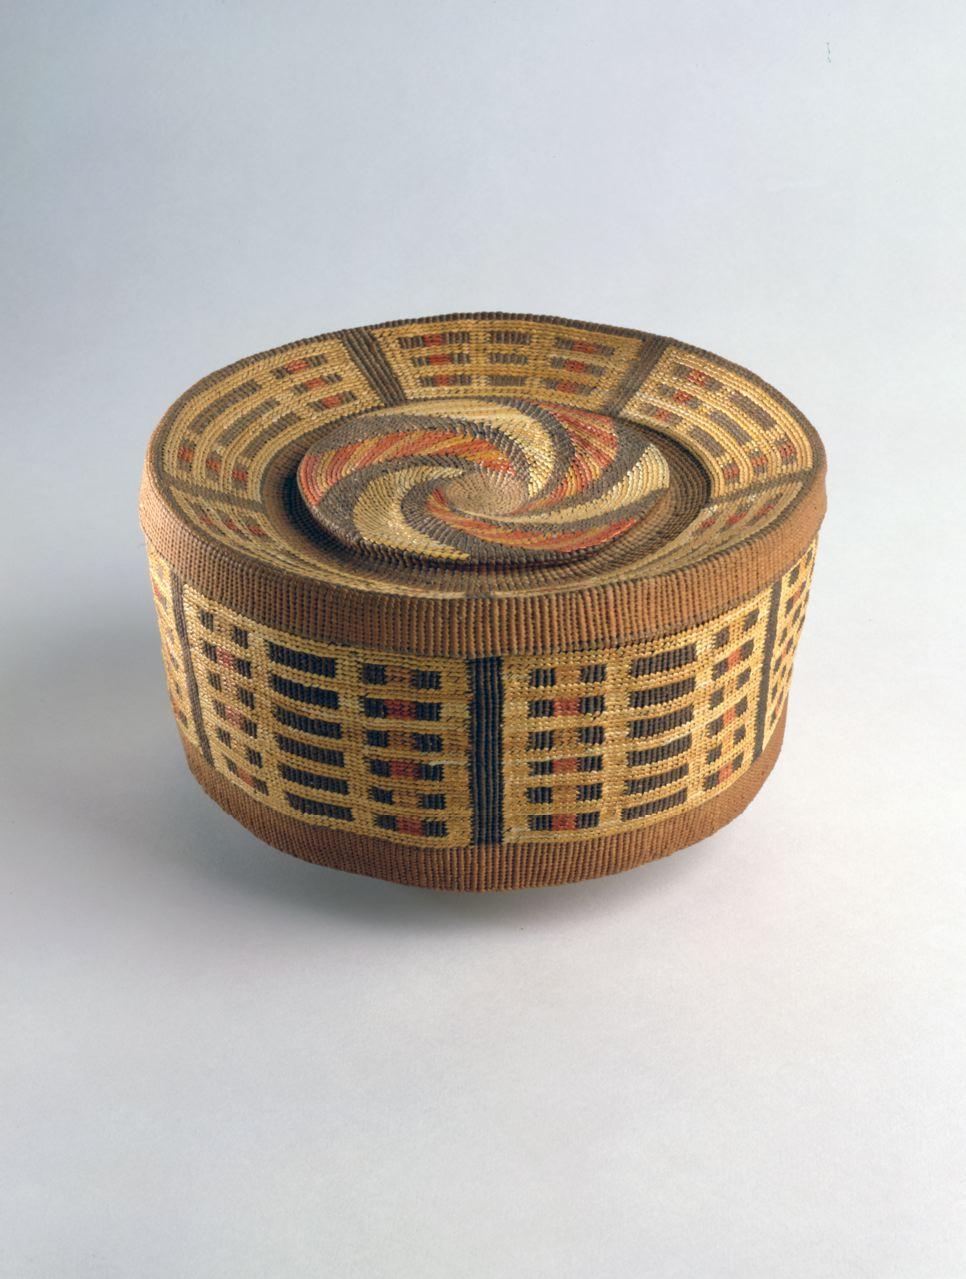 Tlingit Rattletop basket